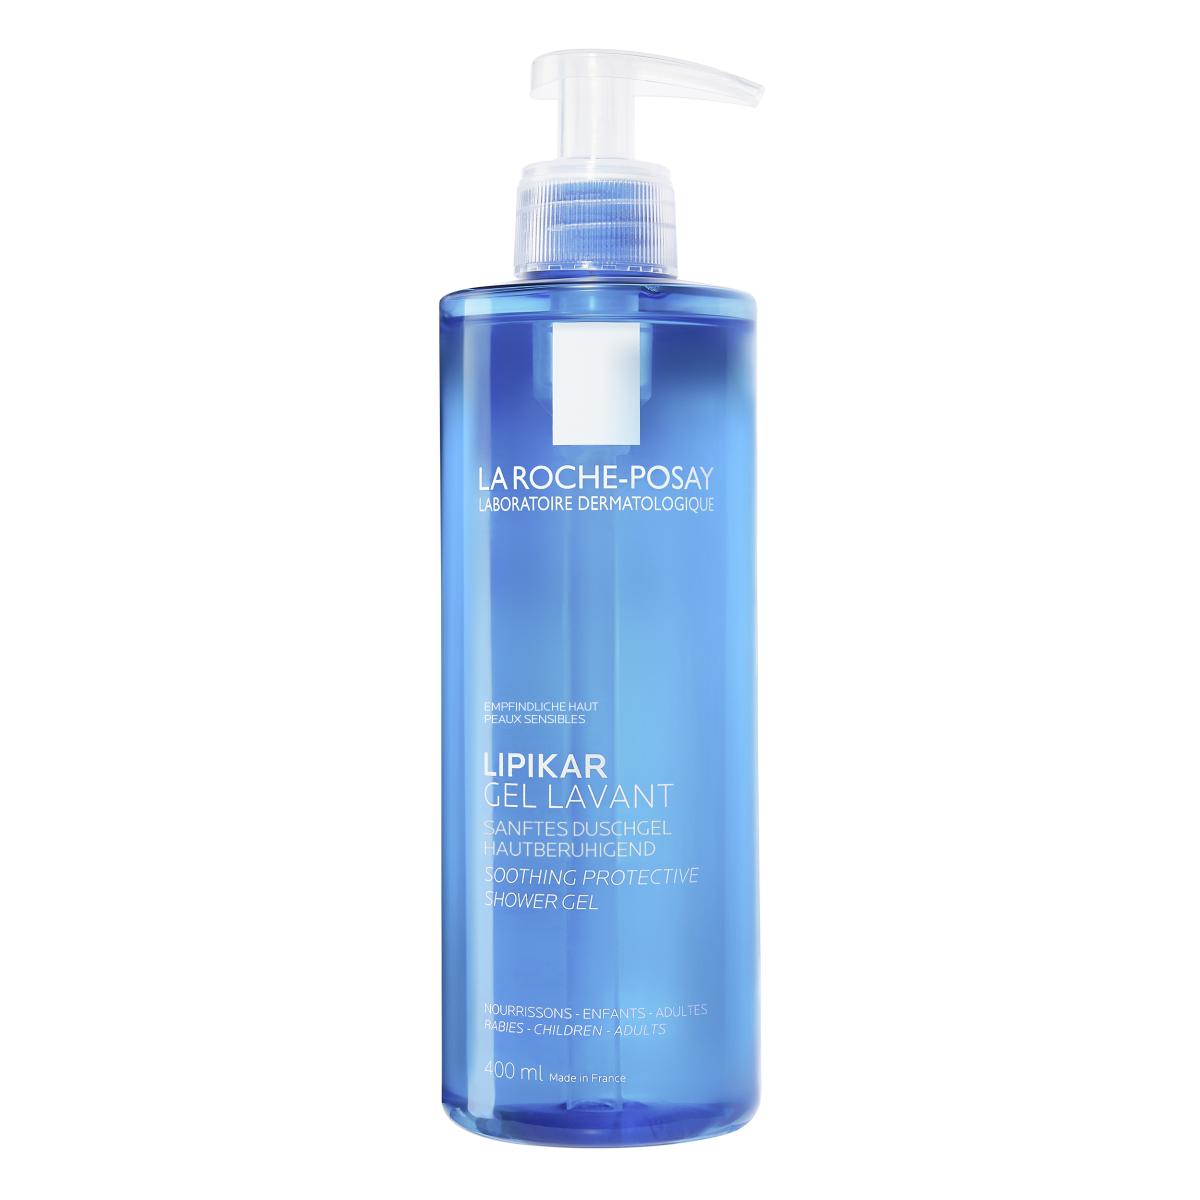 Body-Cleanser-Lipikar-Gel-Lavant-400ml-front